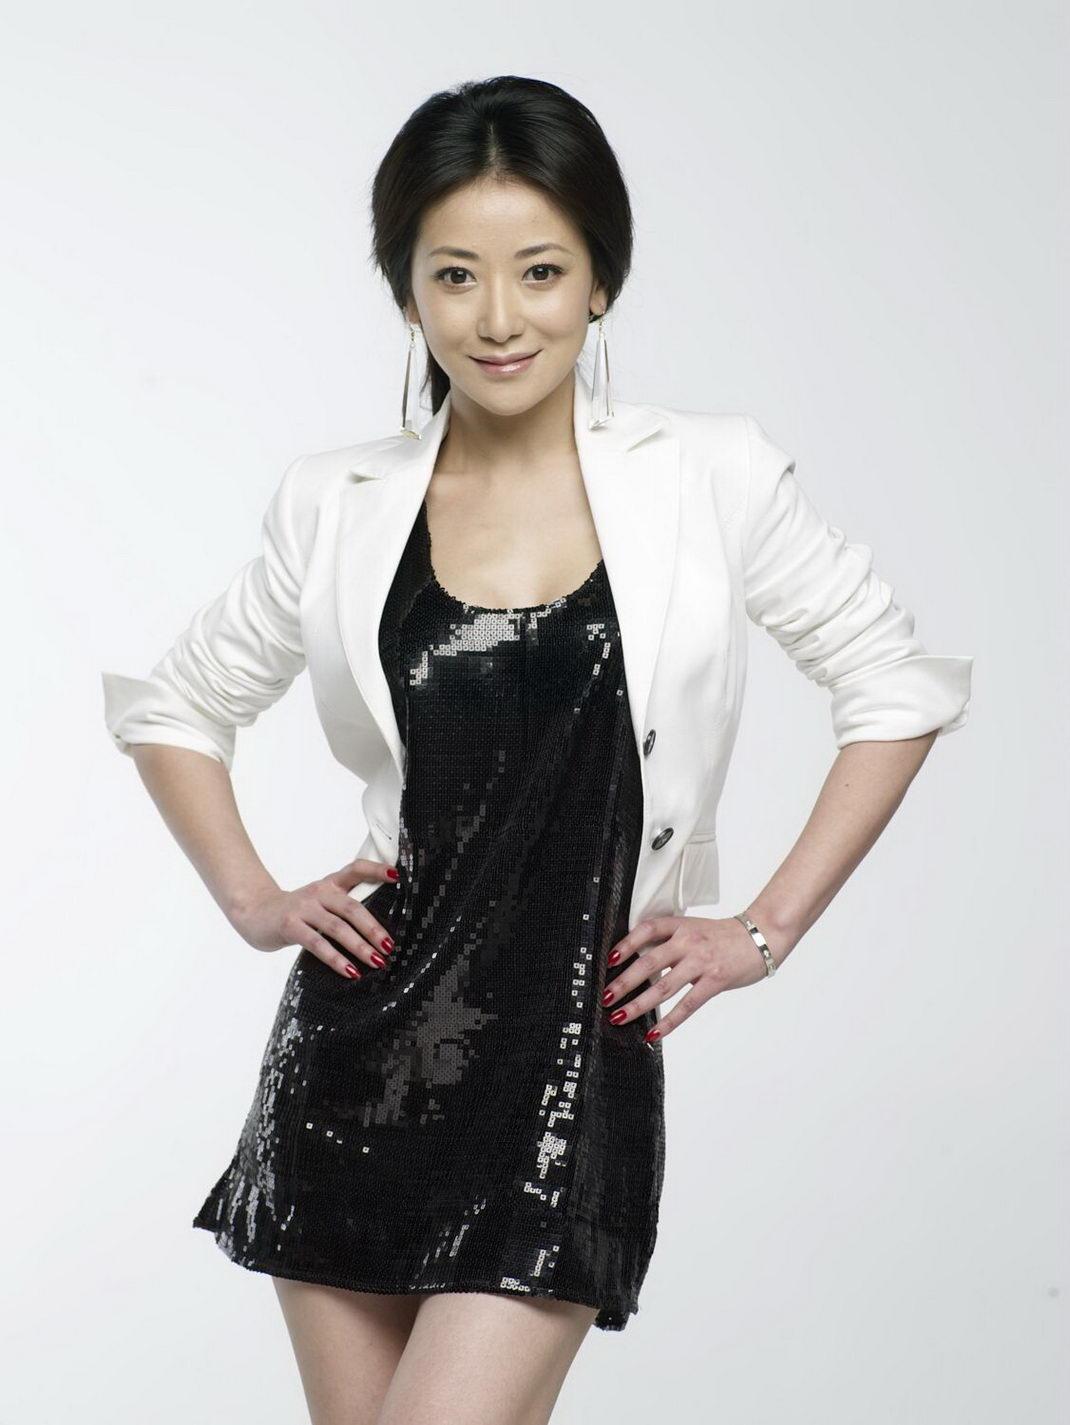 K Chen L Hne beautiful emily chen zihan acroholic